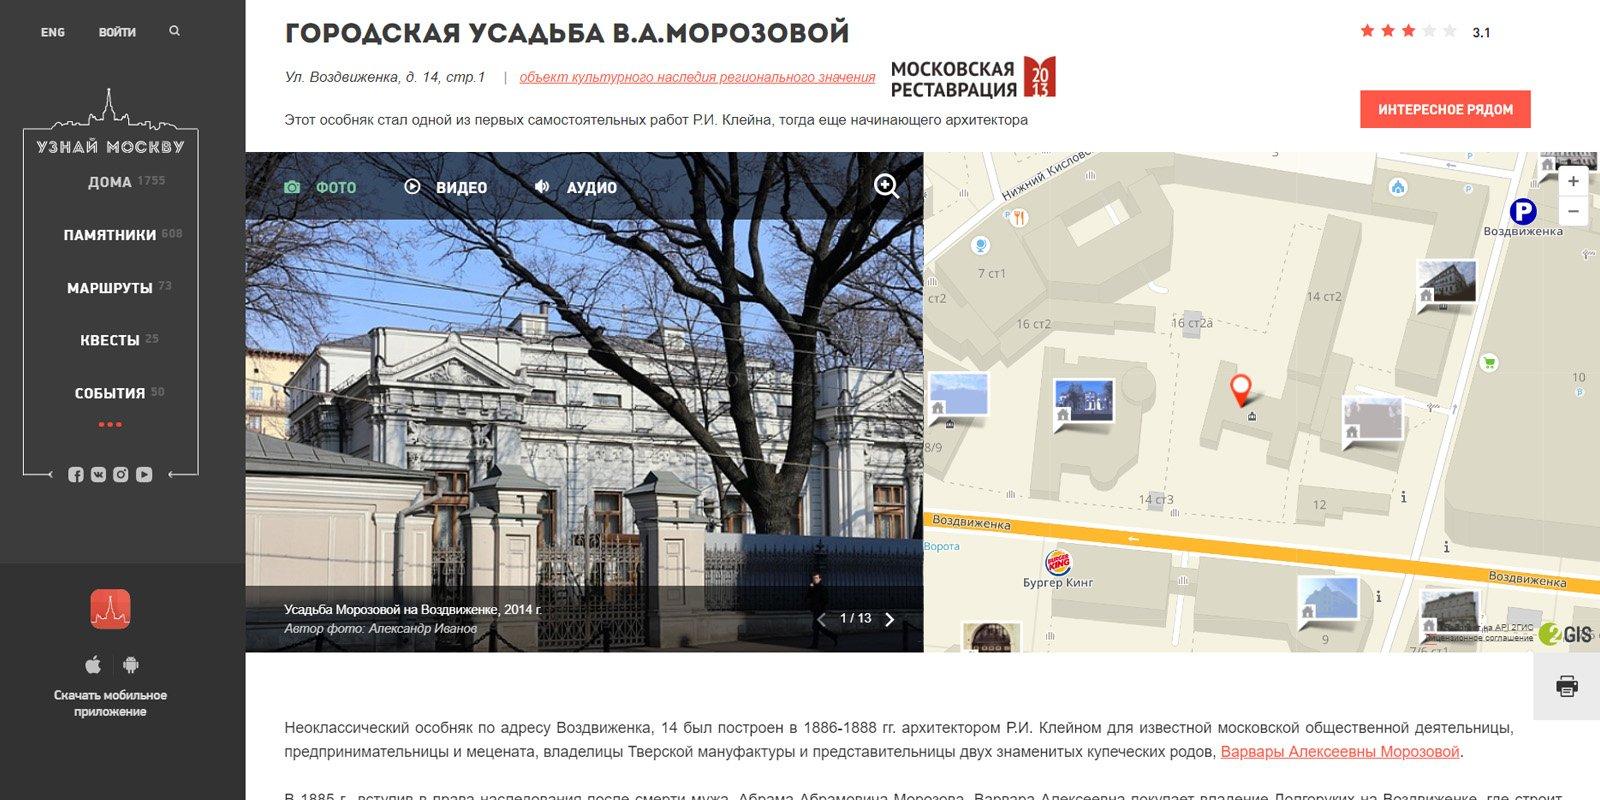 «Русская Шанель» и муза Дали: на портале «Узнай Москву» появился специальный маршрут